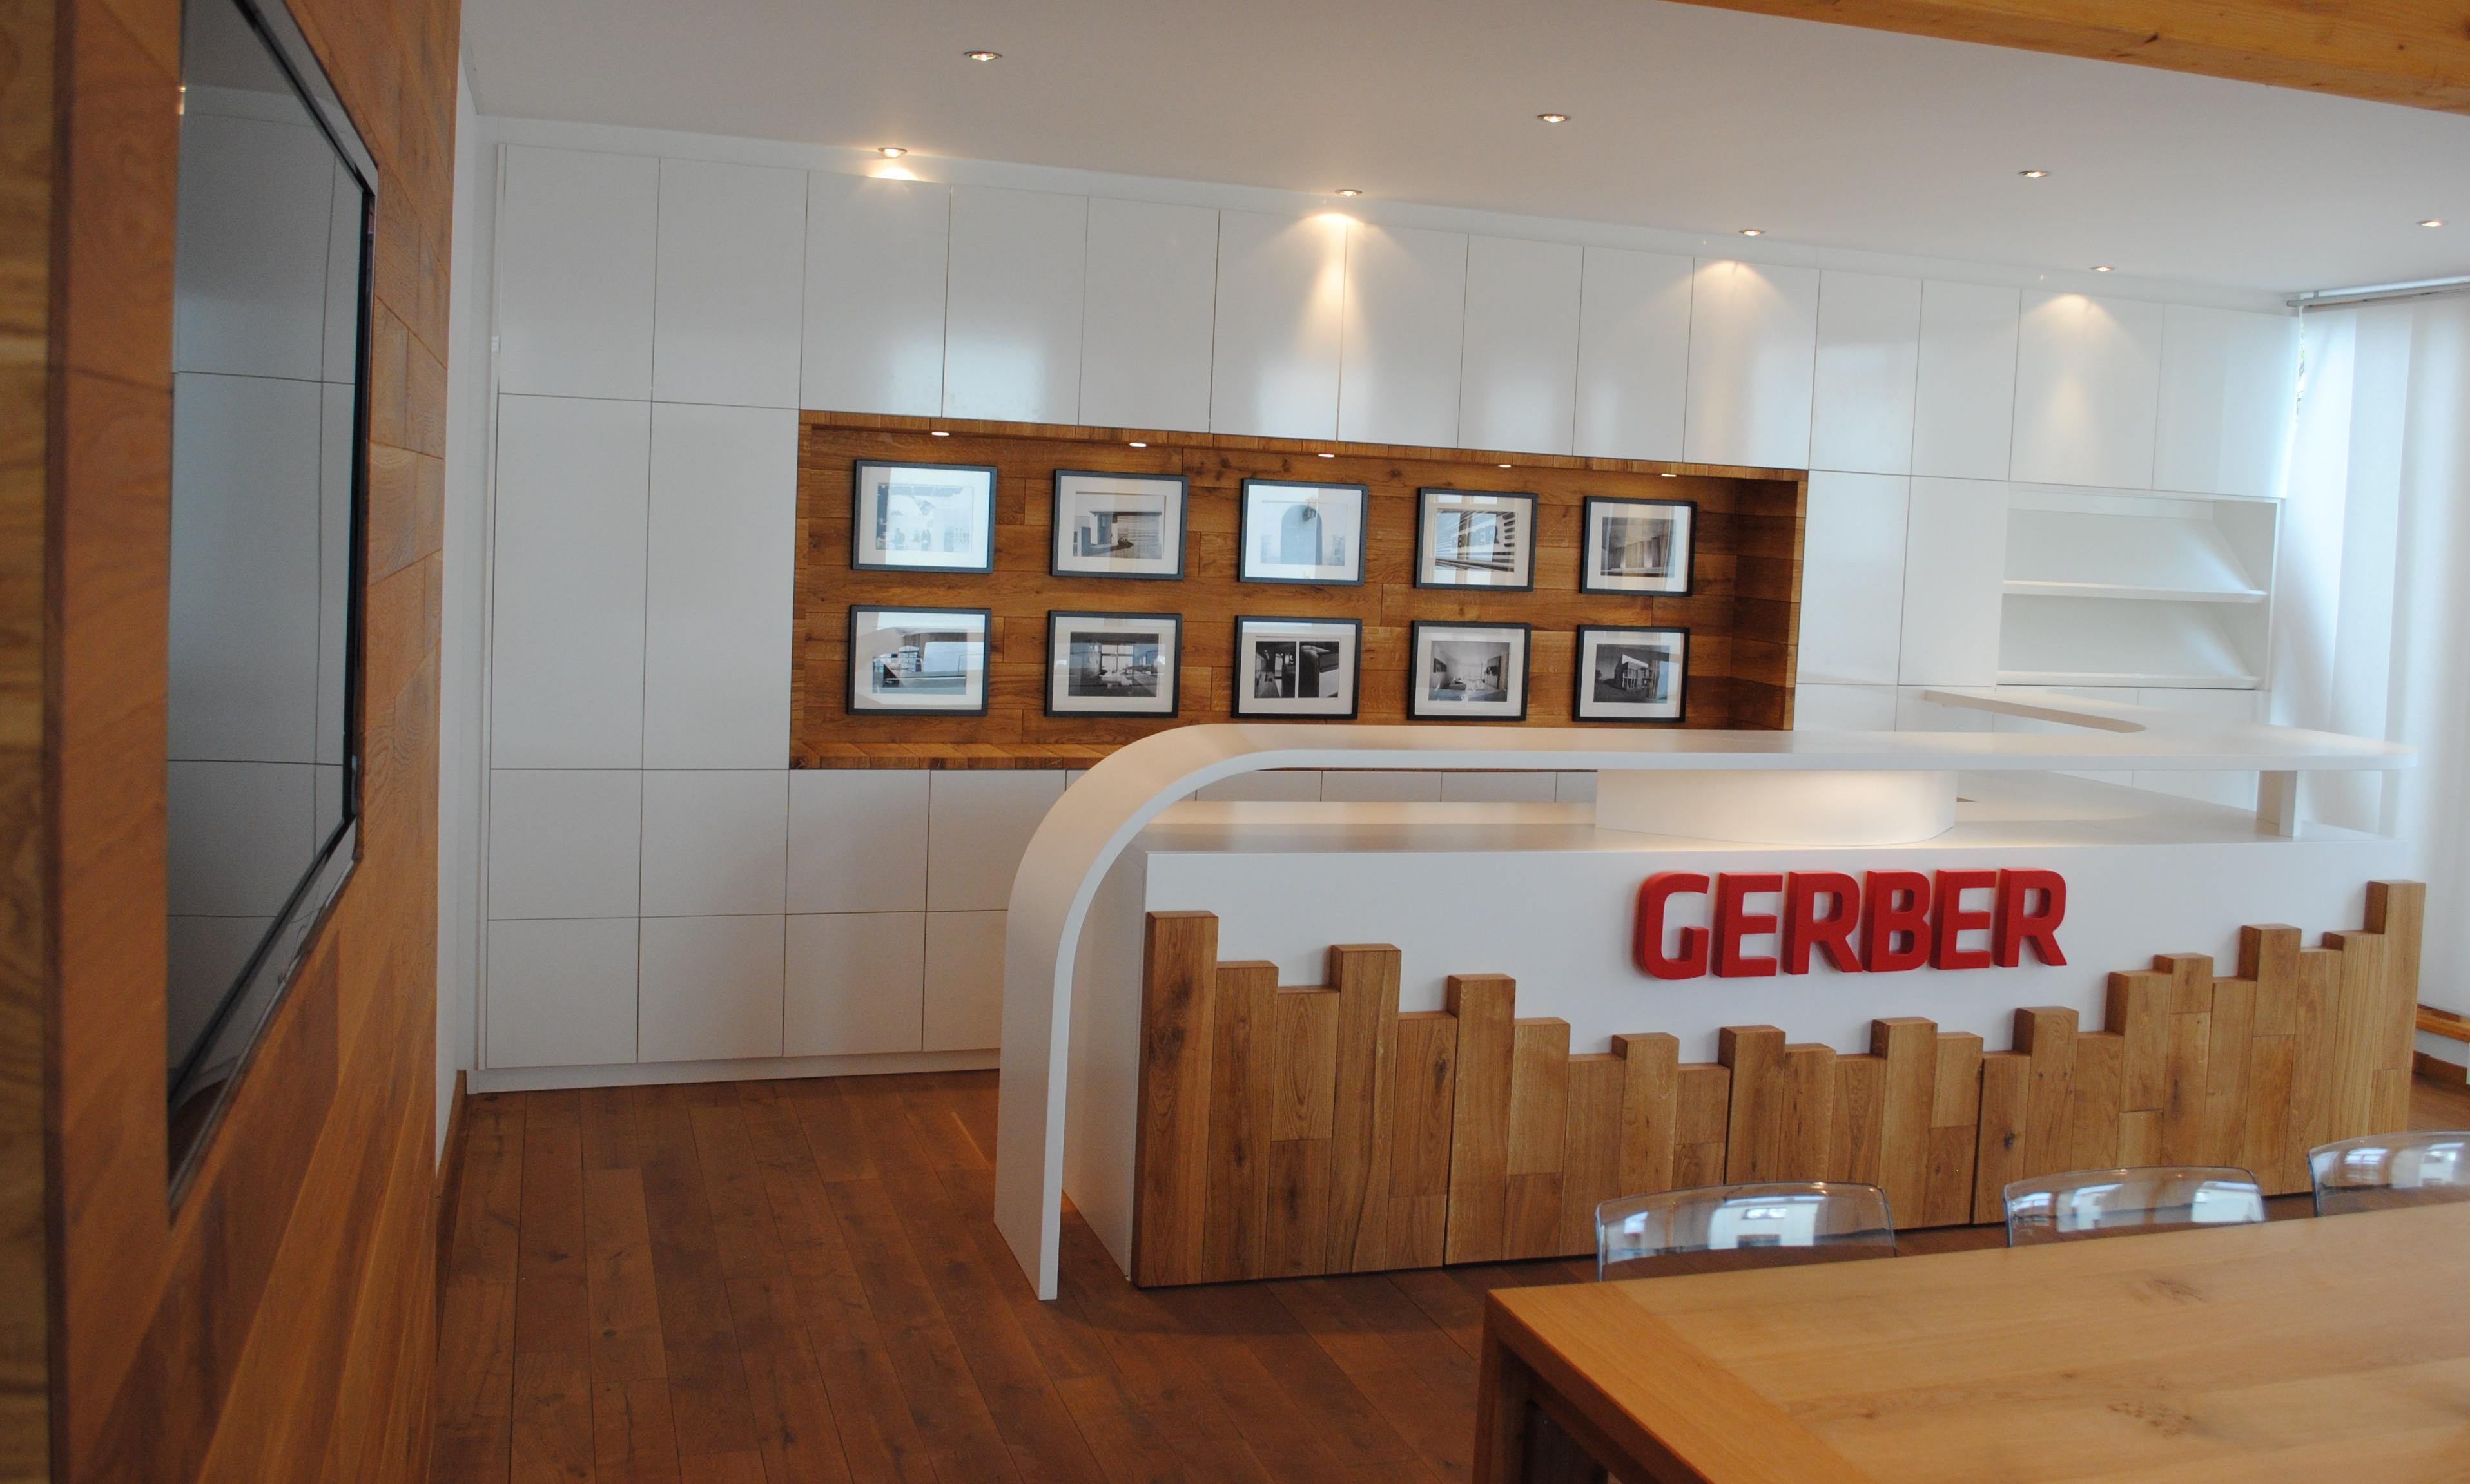 Einbauschrank, Bildergalerie, Theke und TV-Wand, Tisch und Parkett im Meetingraum von GERBER Ingenieure